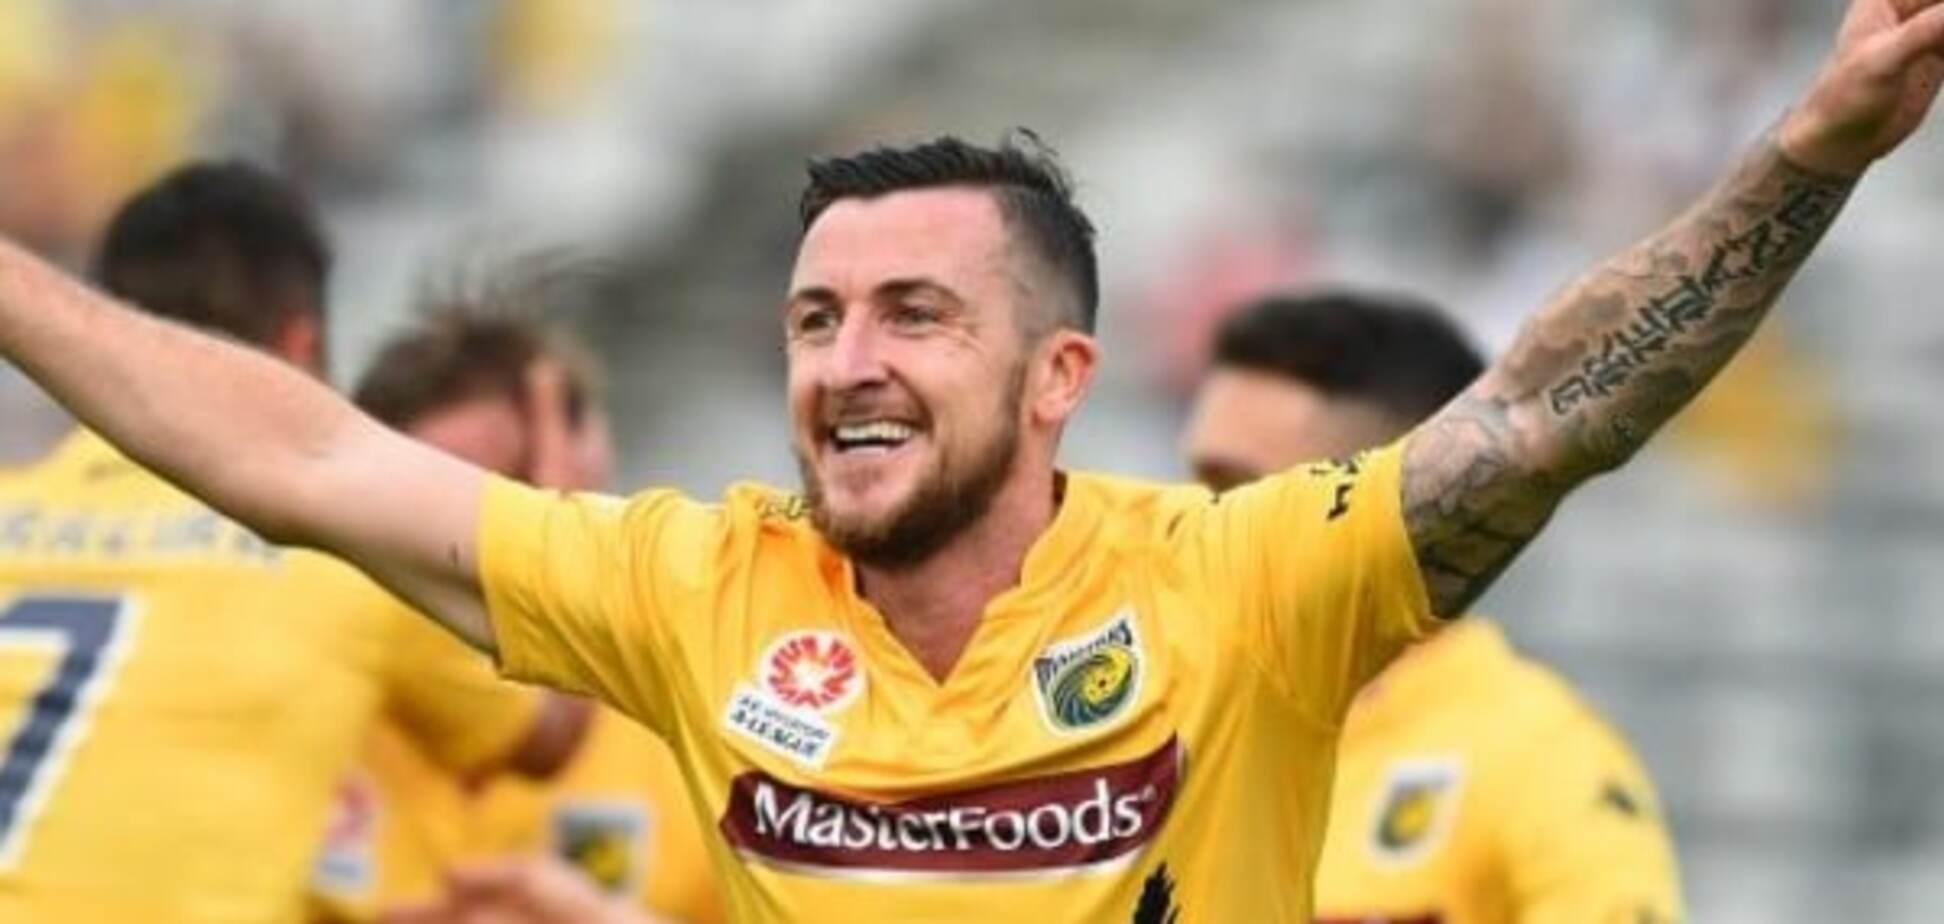 Ірландський футболіст забив естетичний гол у чемпіонаті Австралії: відео шедевра